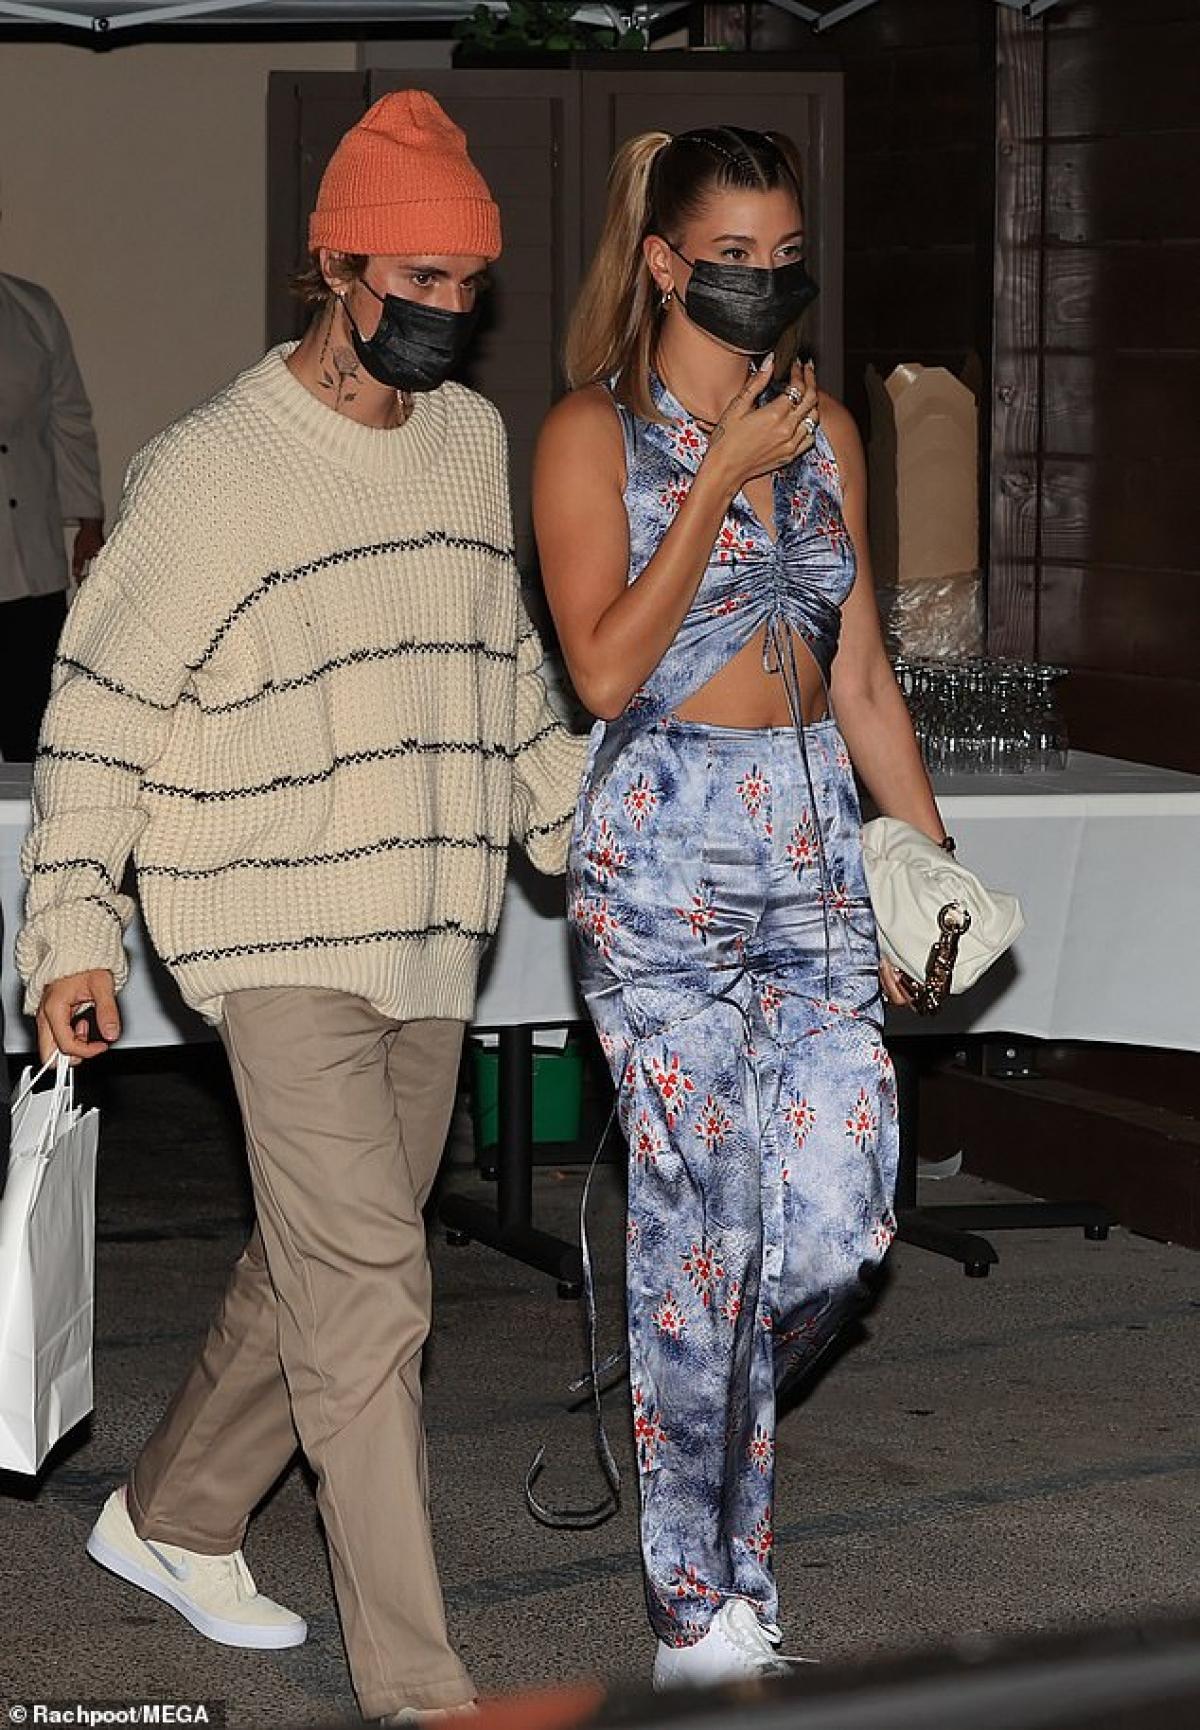 Cặp đôi đeo khẩu trang cẩn thận ra phố trong thời điểm dịch Covid-19 vẫn hoành hành.